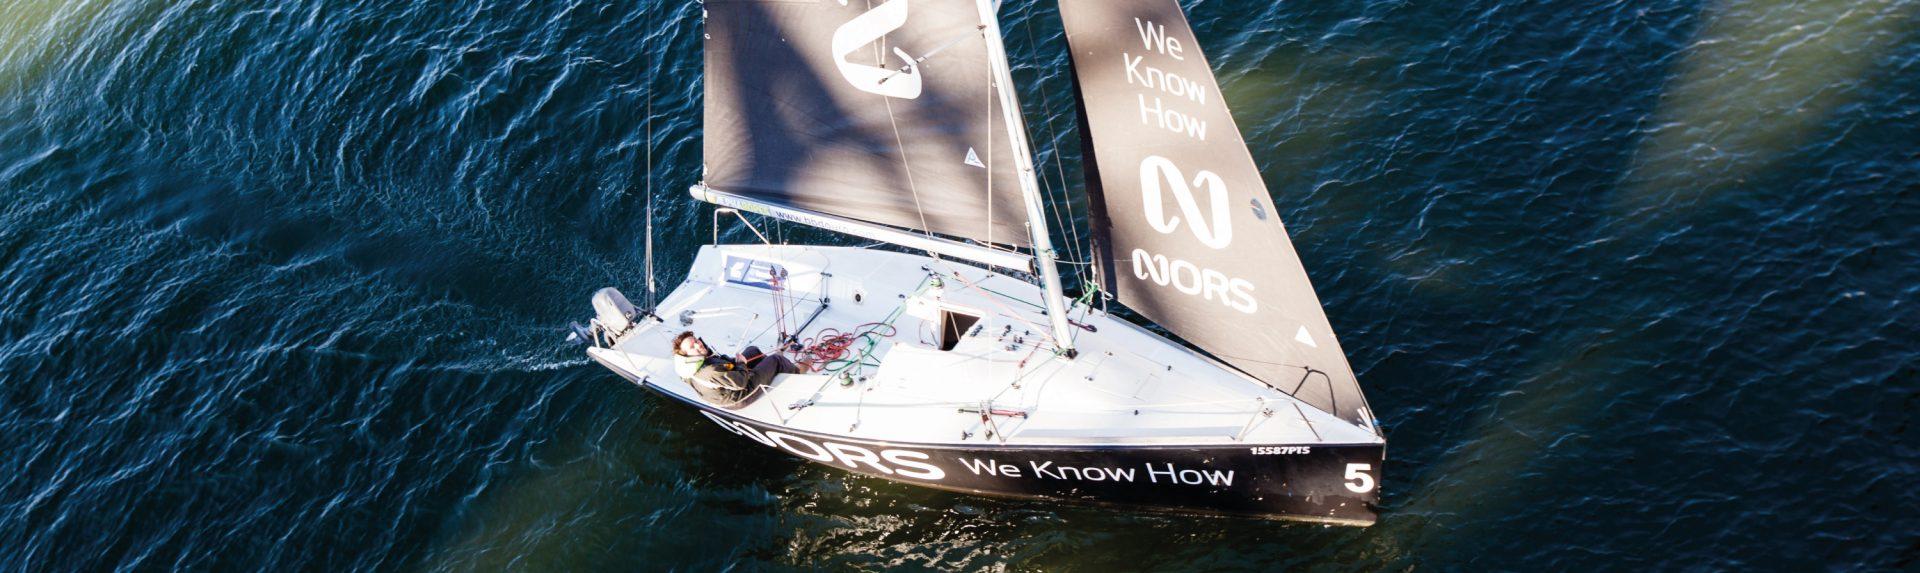 Nors Porto | BBDouro - We do Sailing